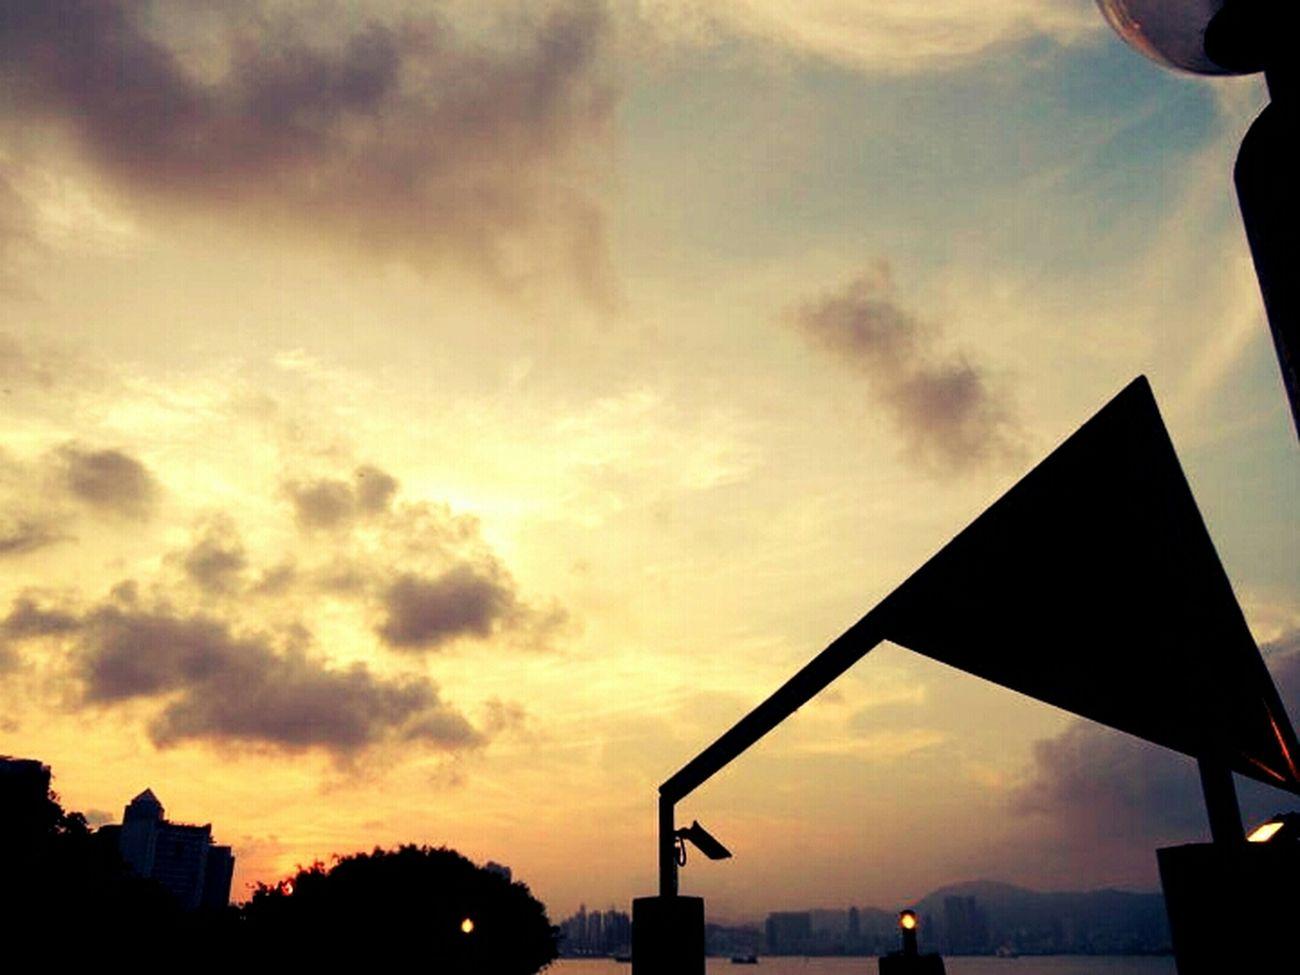 Sunset Corners